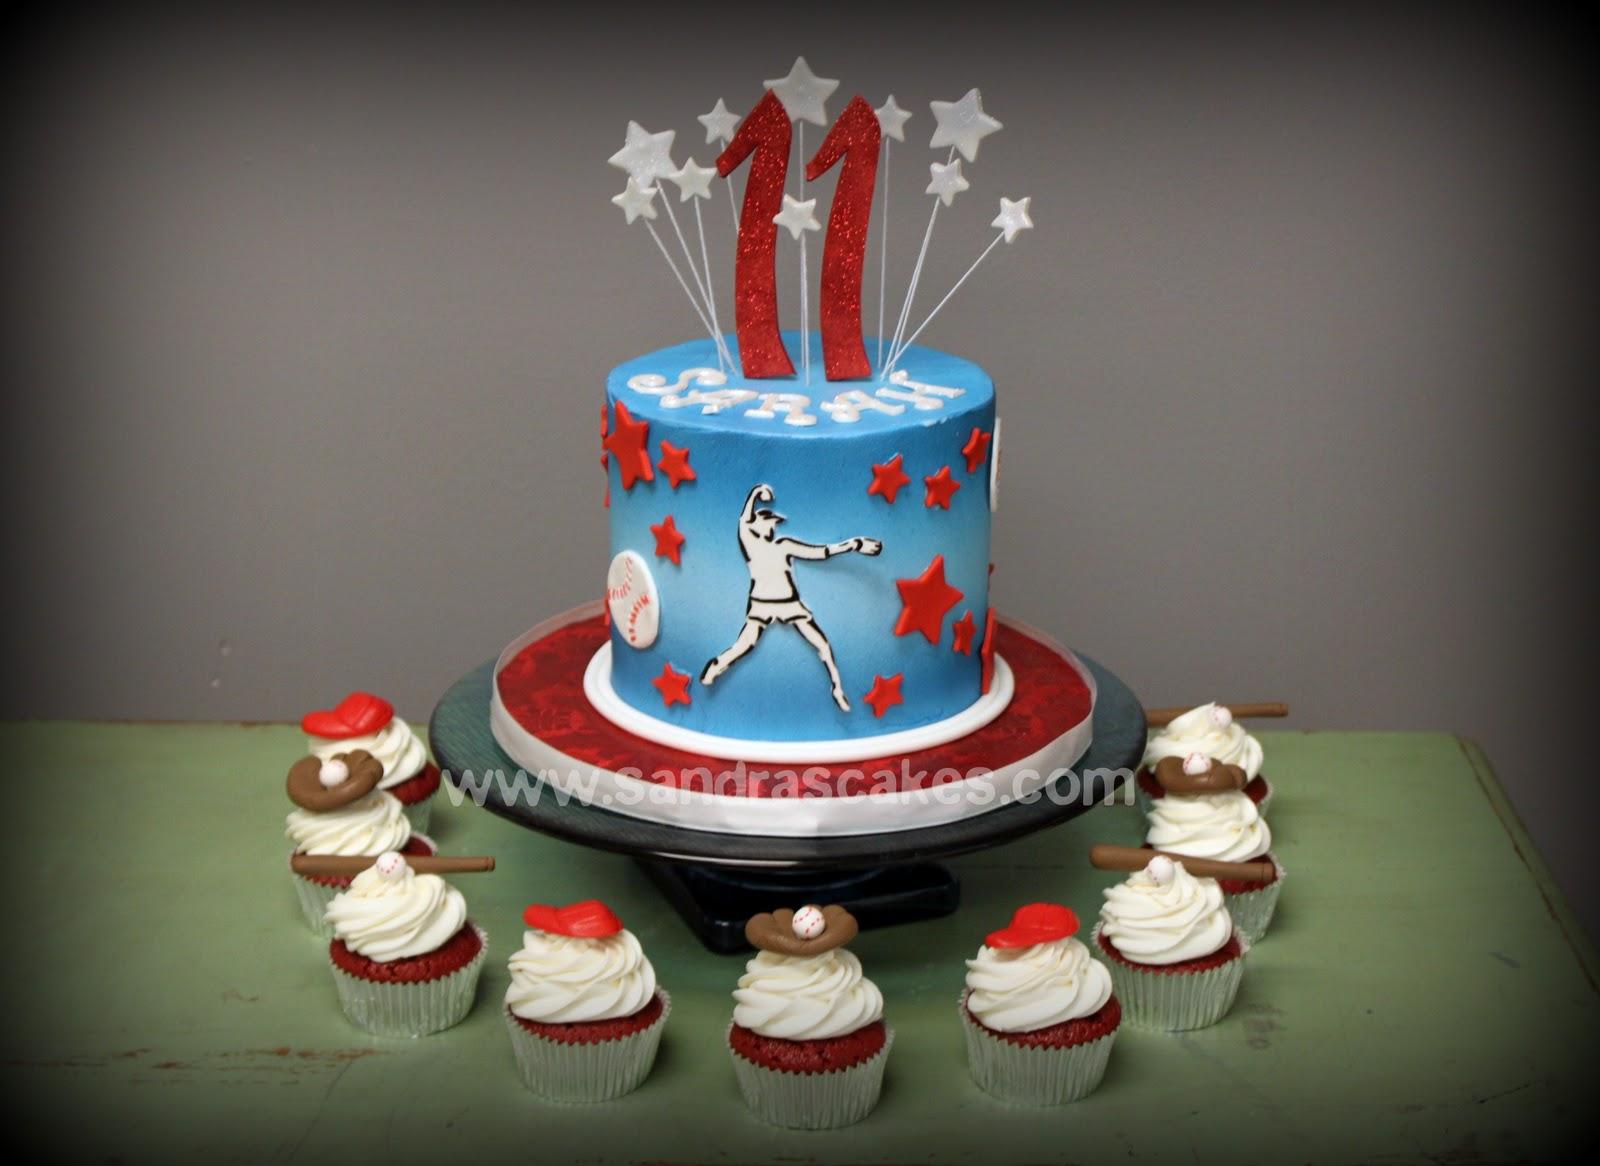 Alabama Softball Cake Ideas 103780 Softball Cake Design Ca